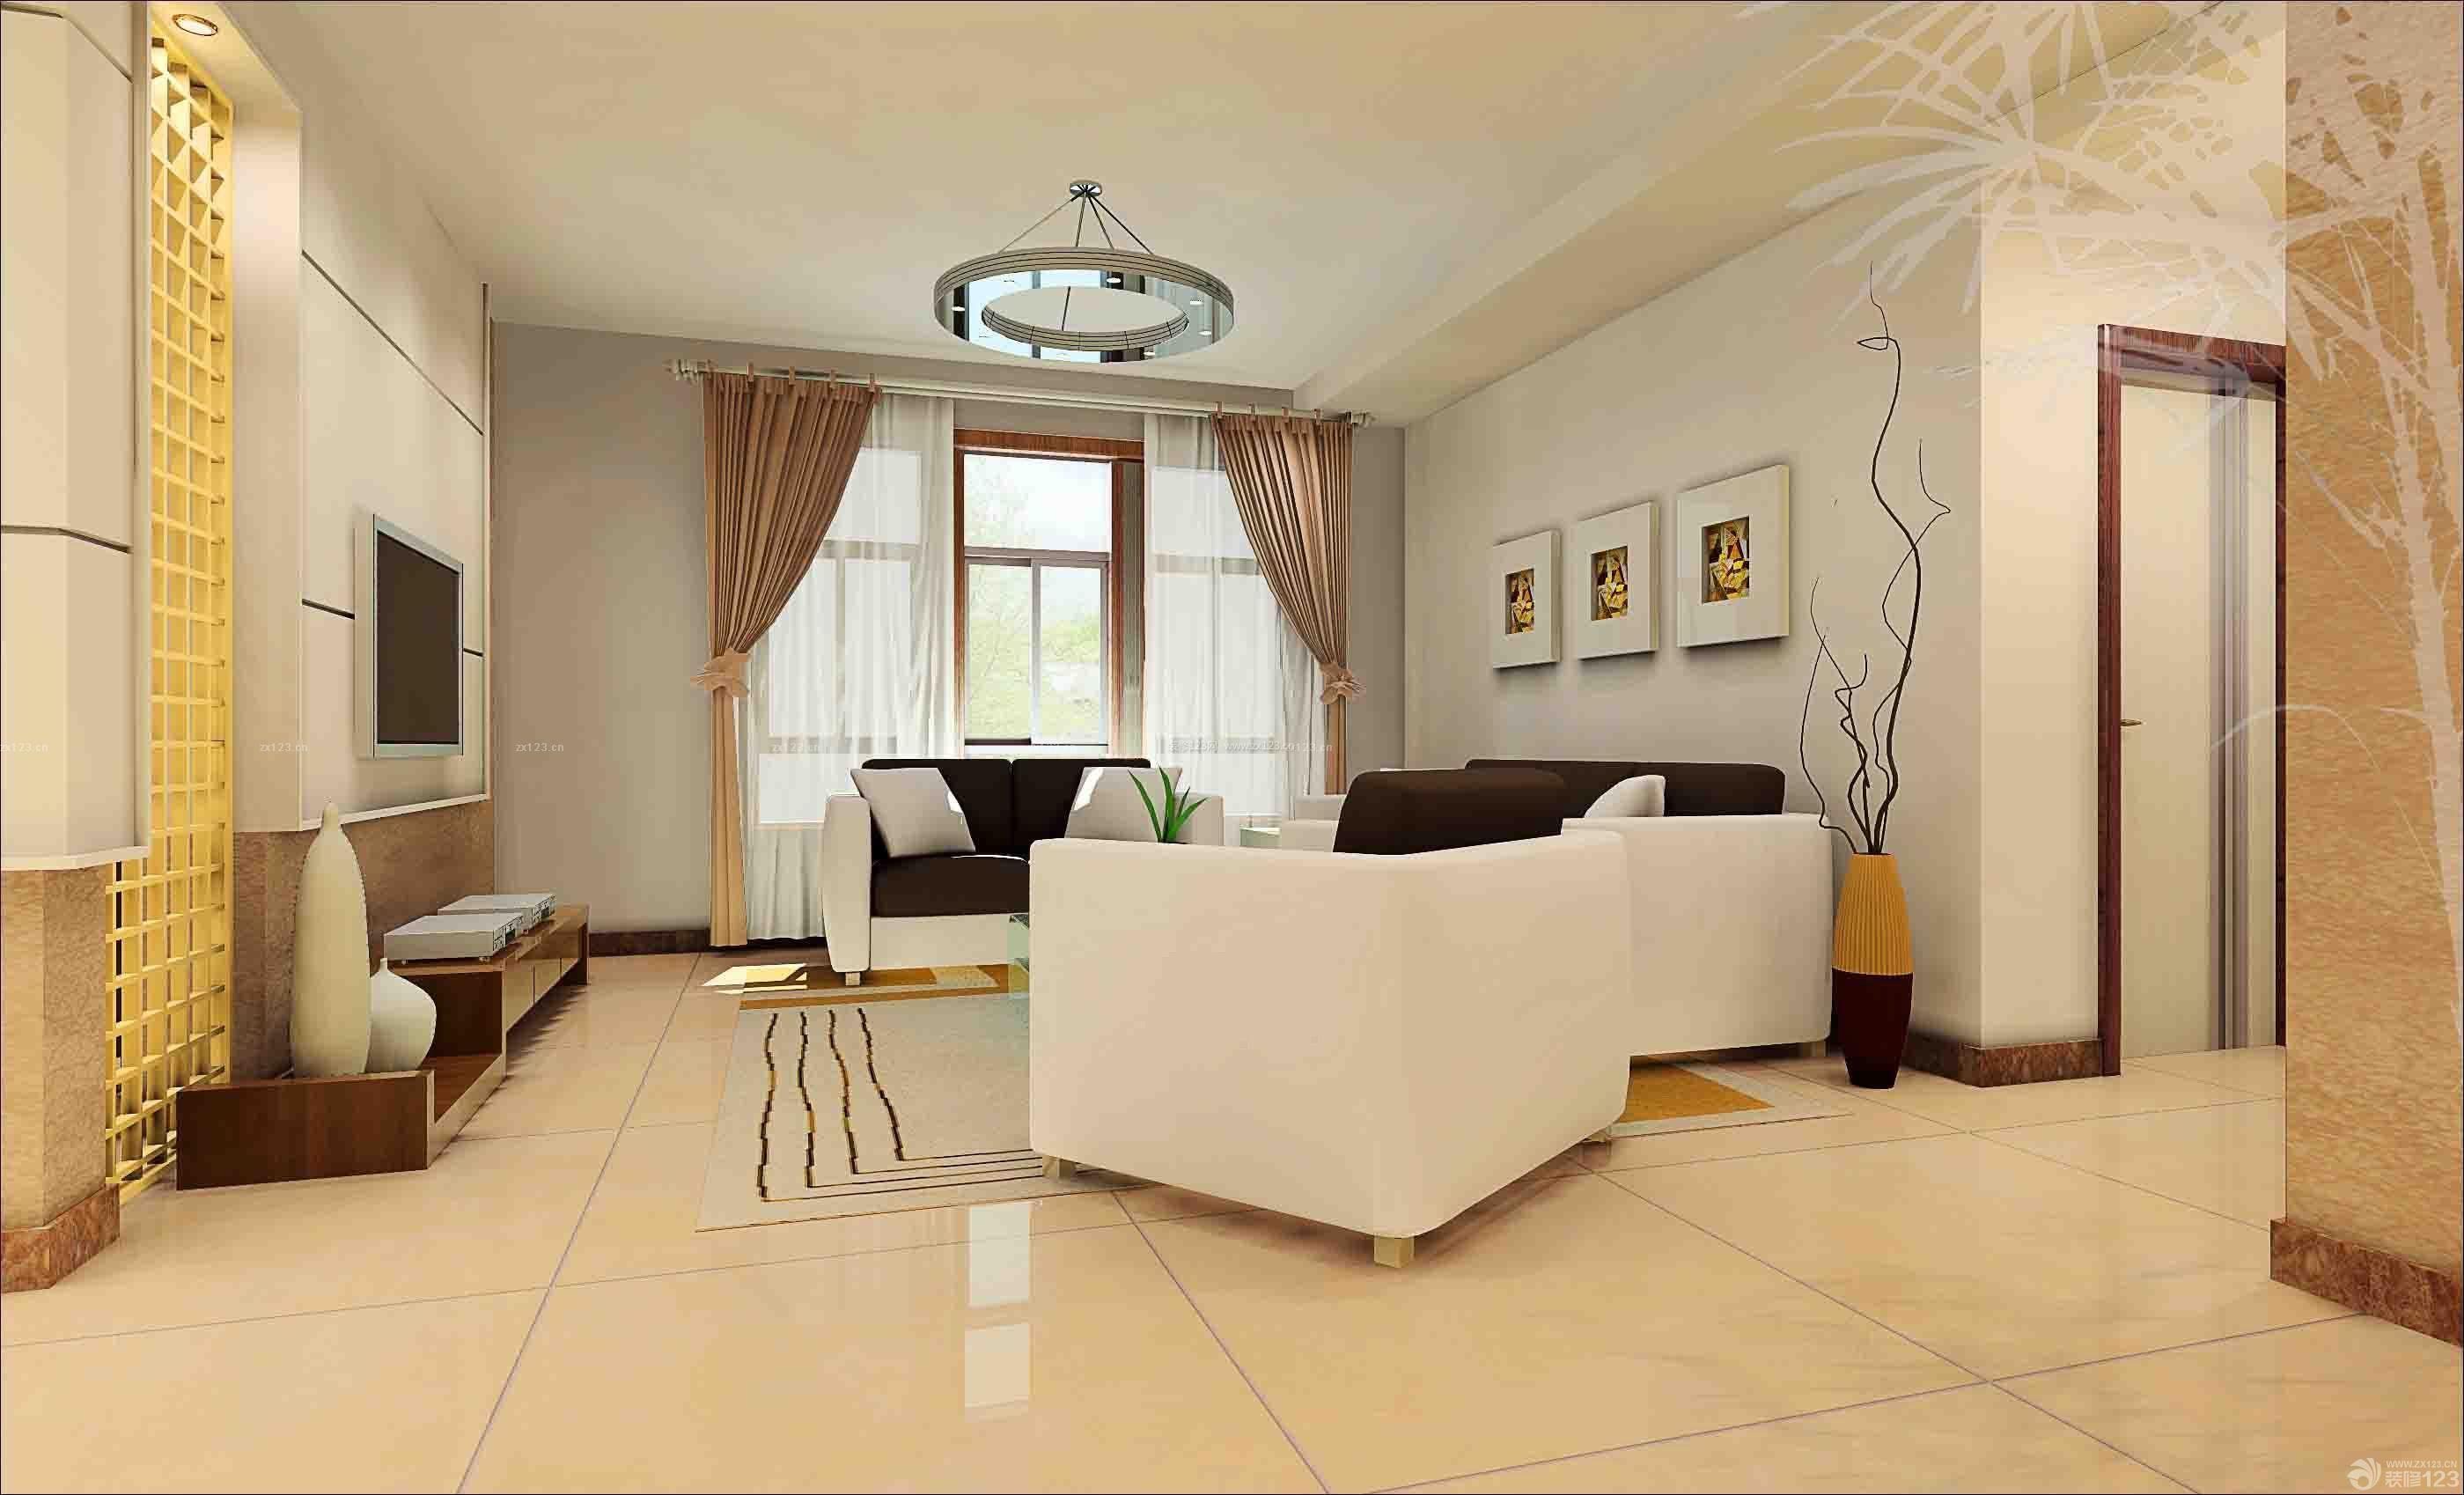 80平小户型现代简约客厅家具摆放装修效果图图片